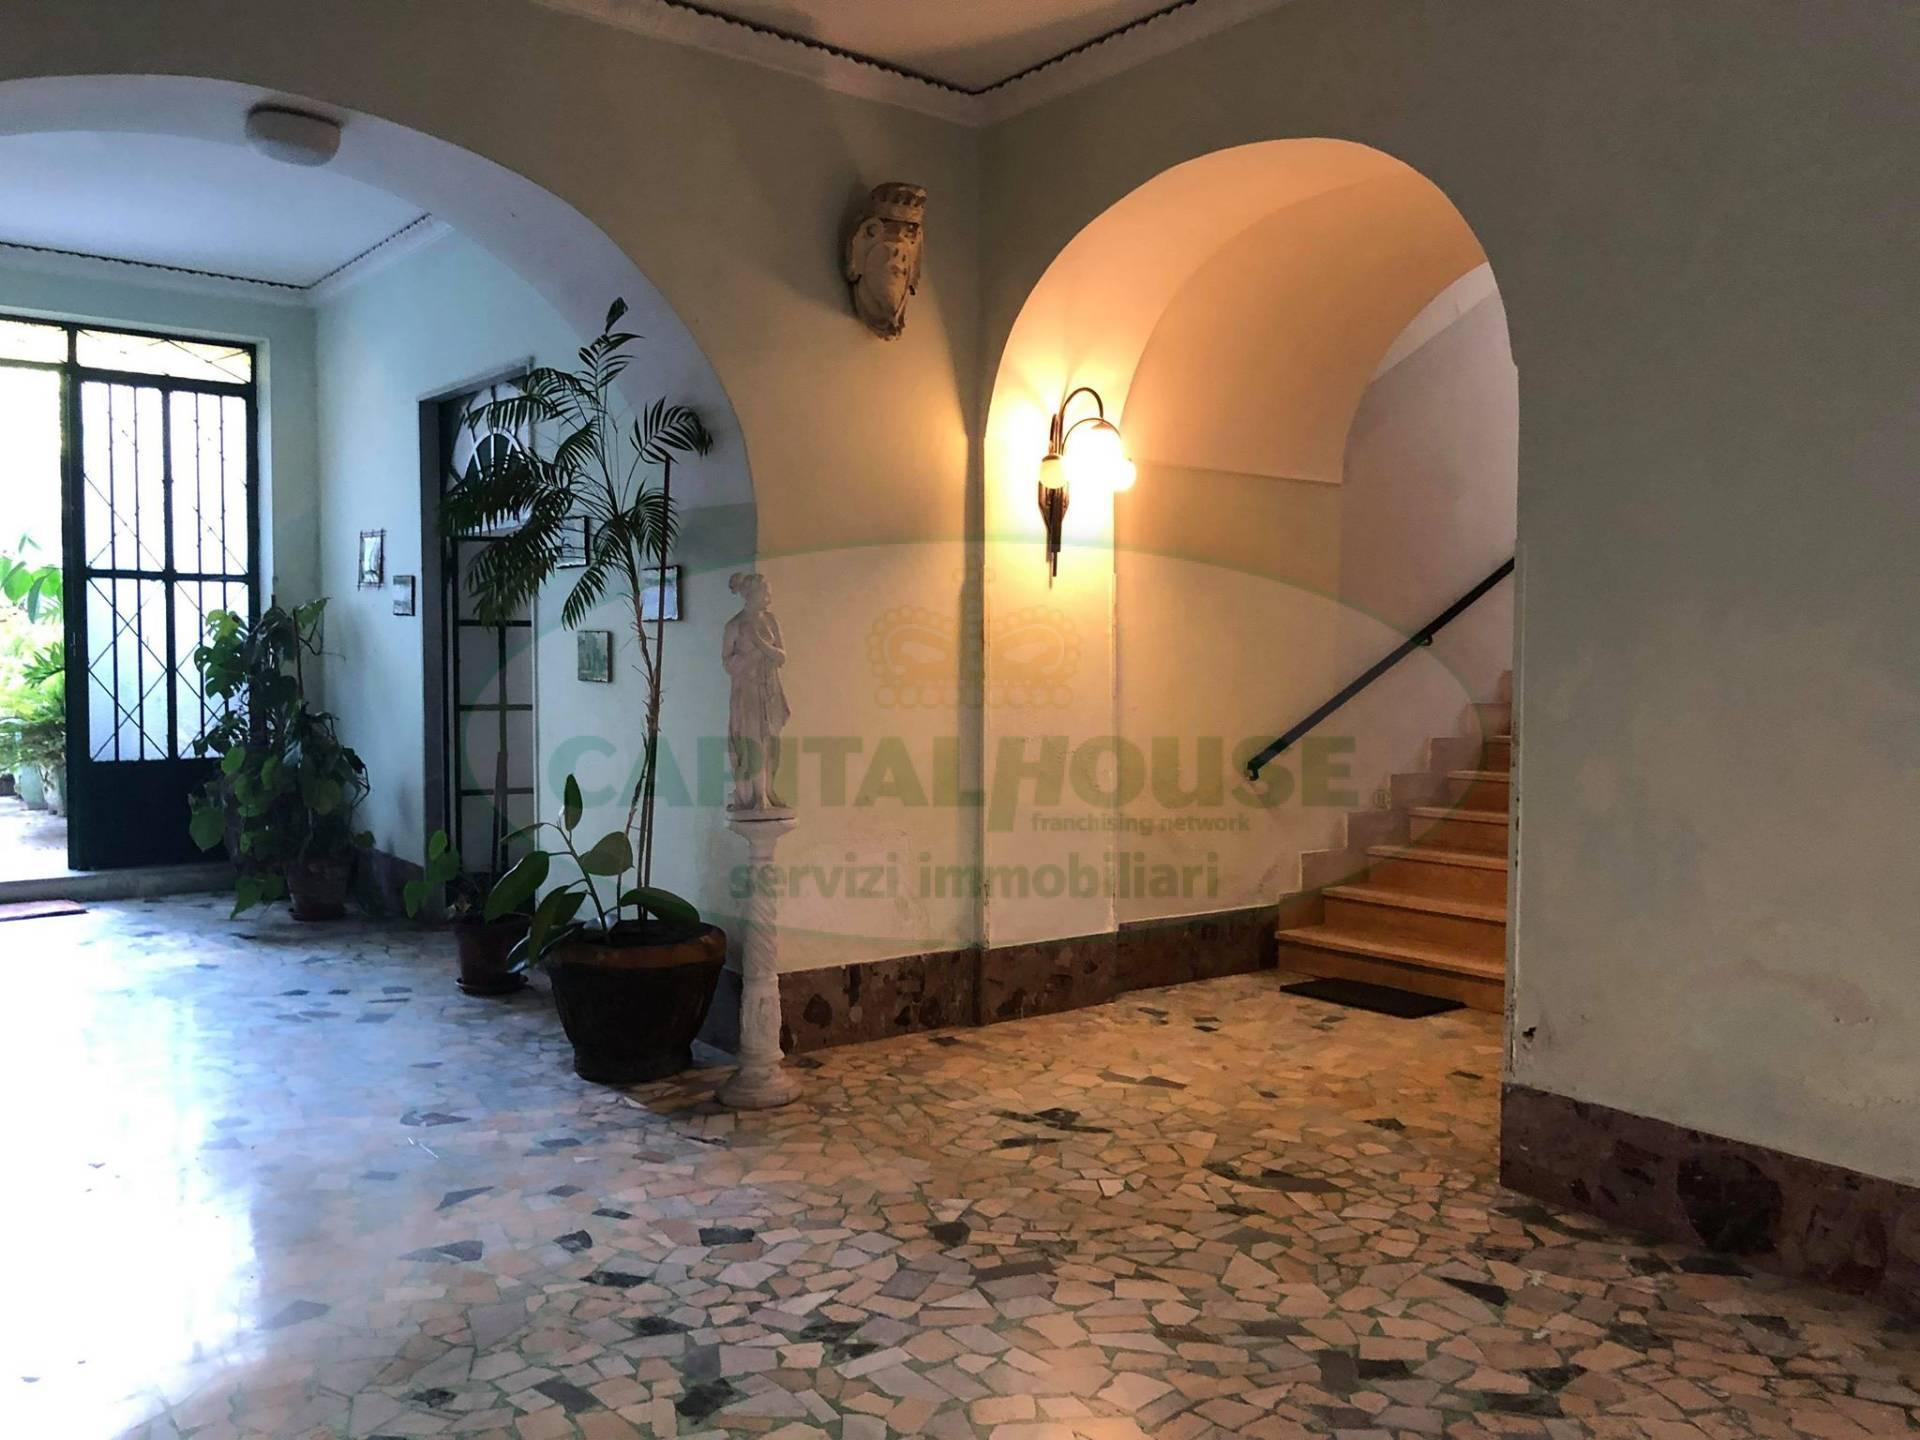 Soluzione Semindipendente in vendita a Avella, 4 locali, prezzo € 170.000   CambioCasa.it